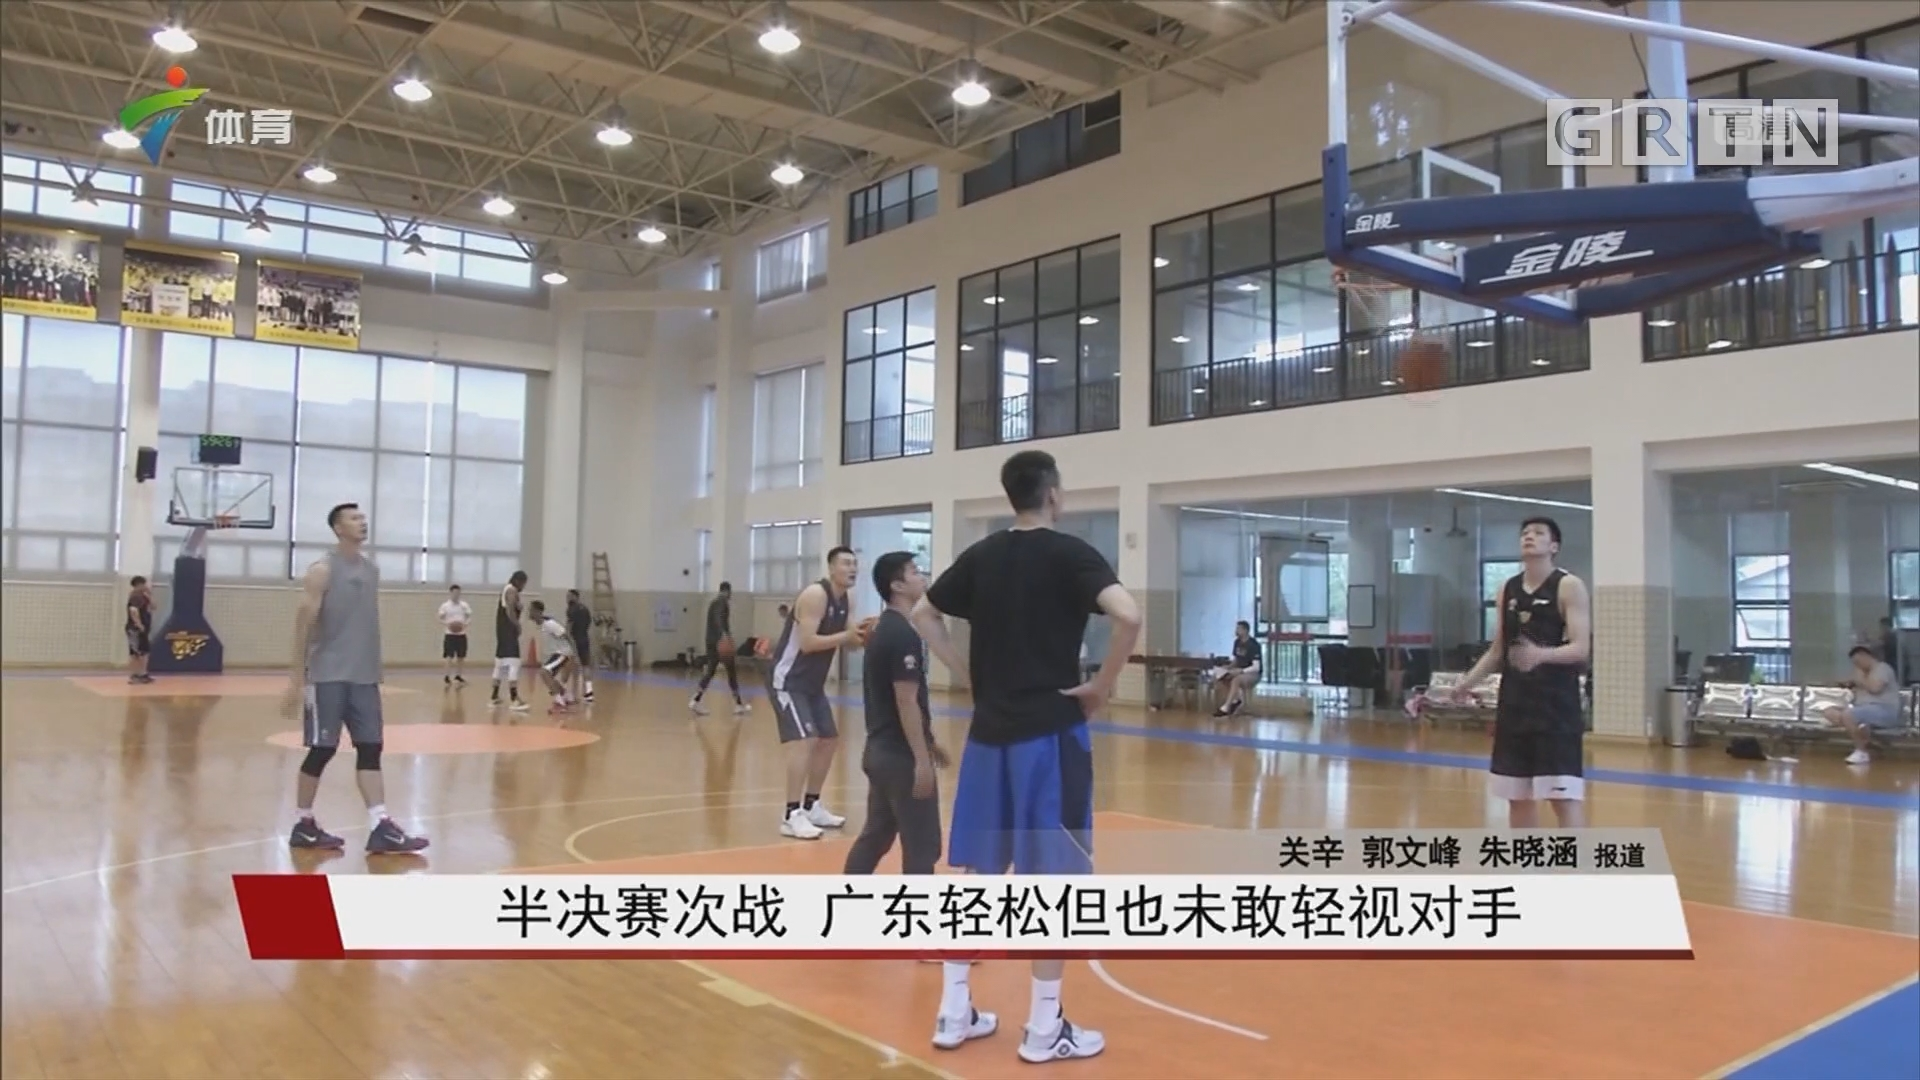 半决赛次战 广东轻松但也未敢轻视对手